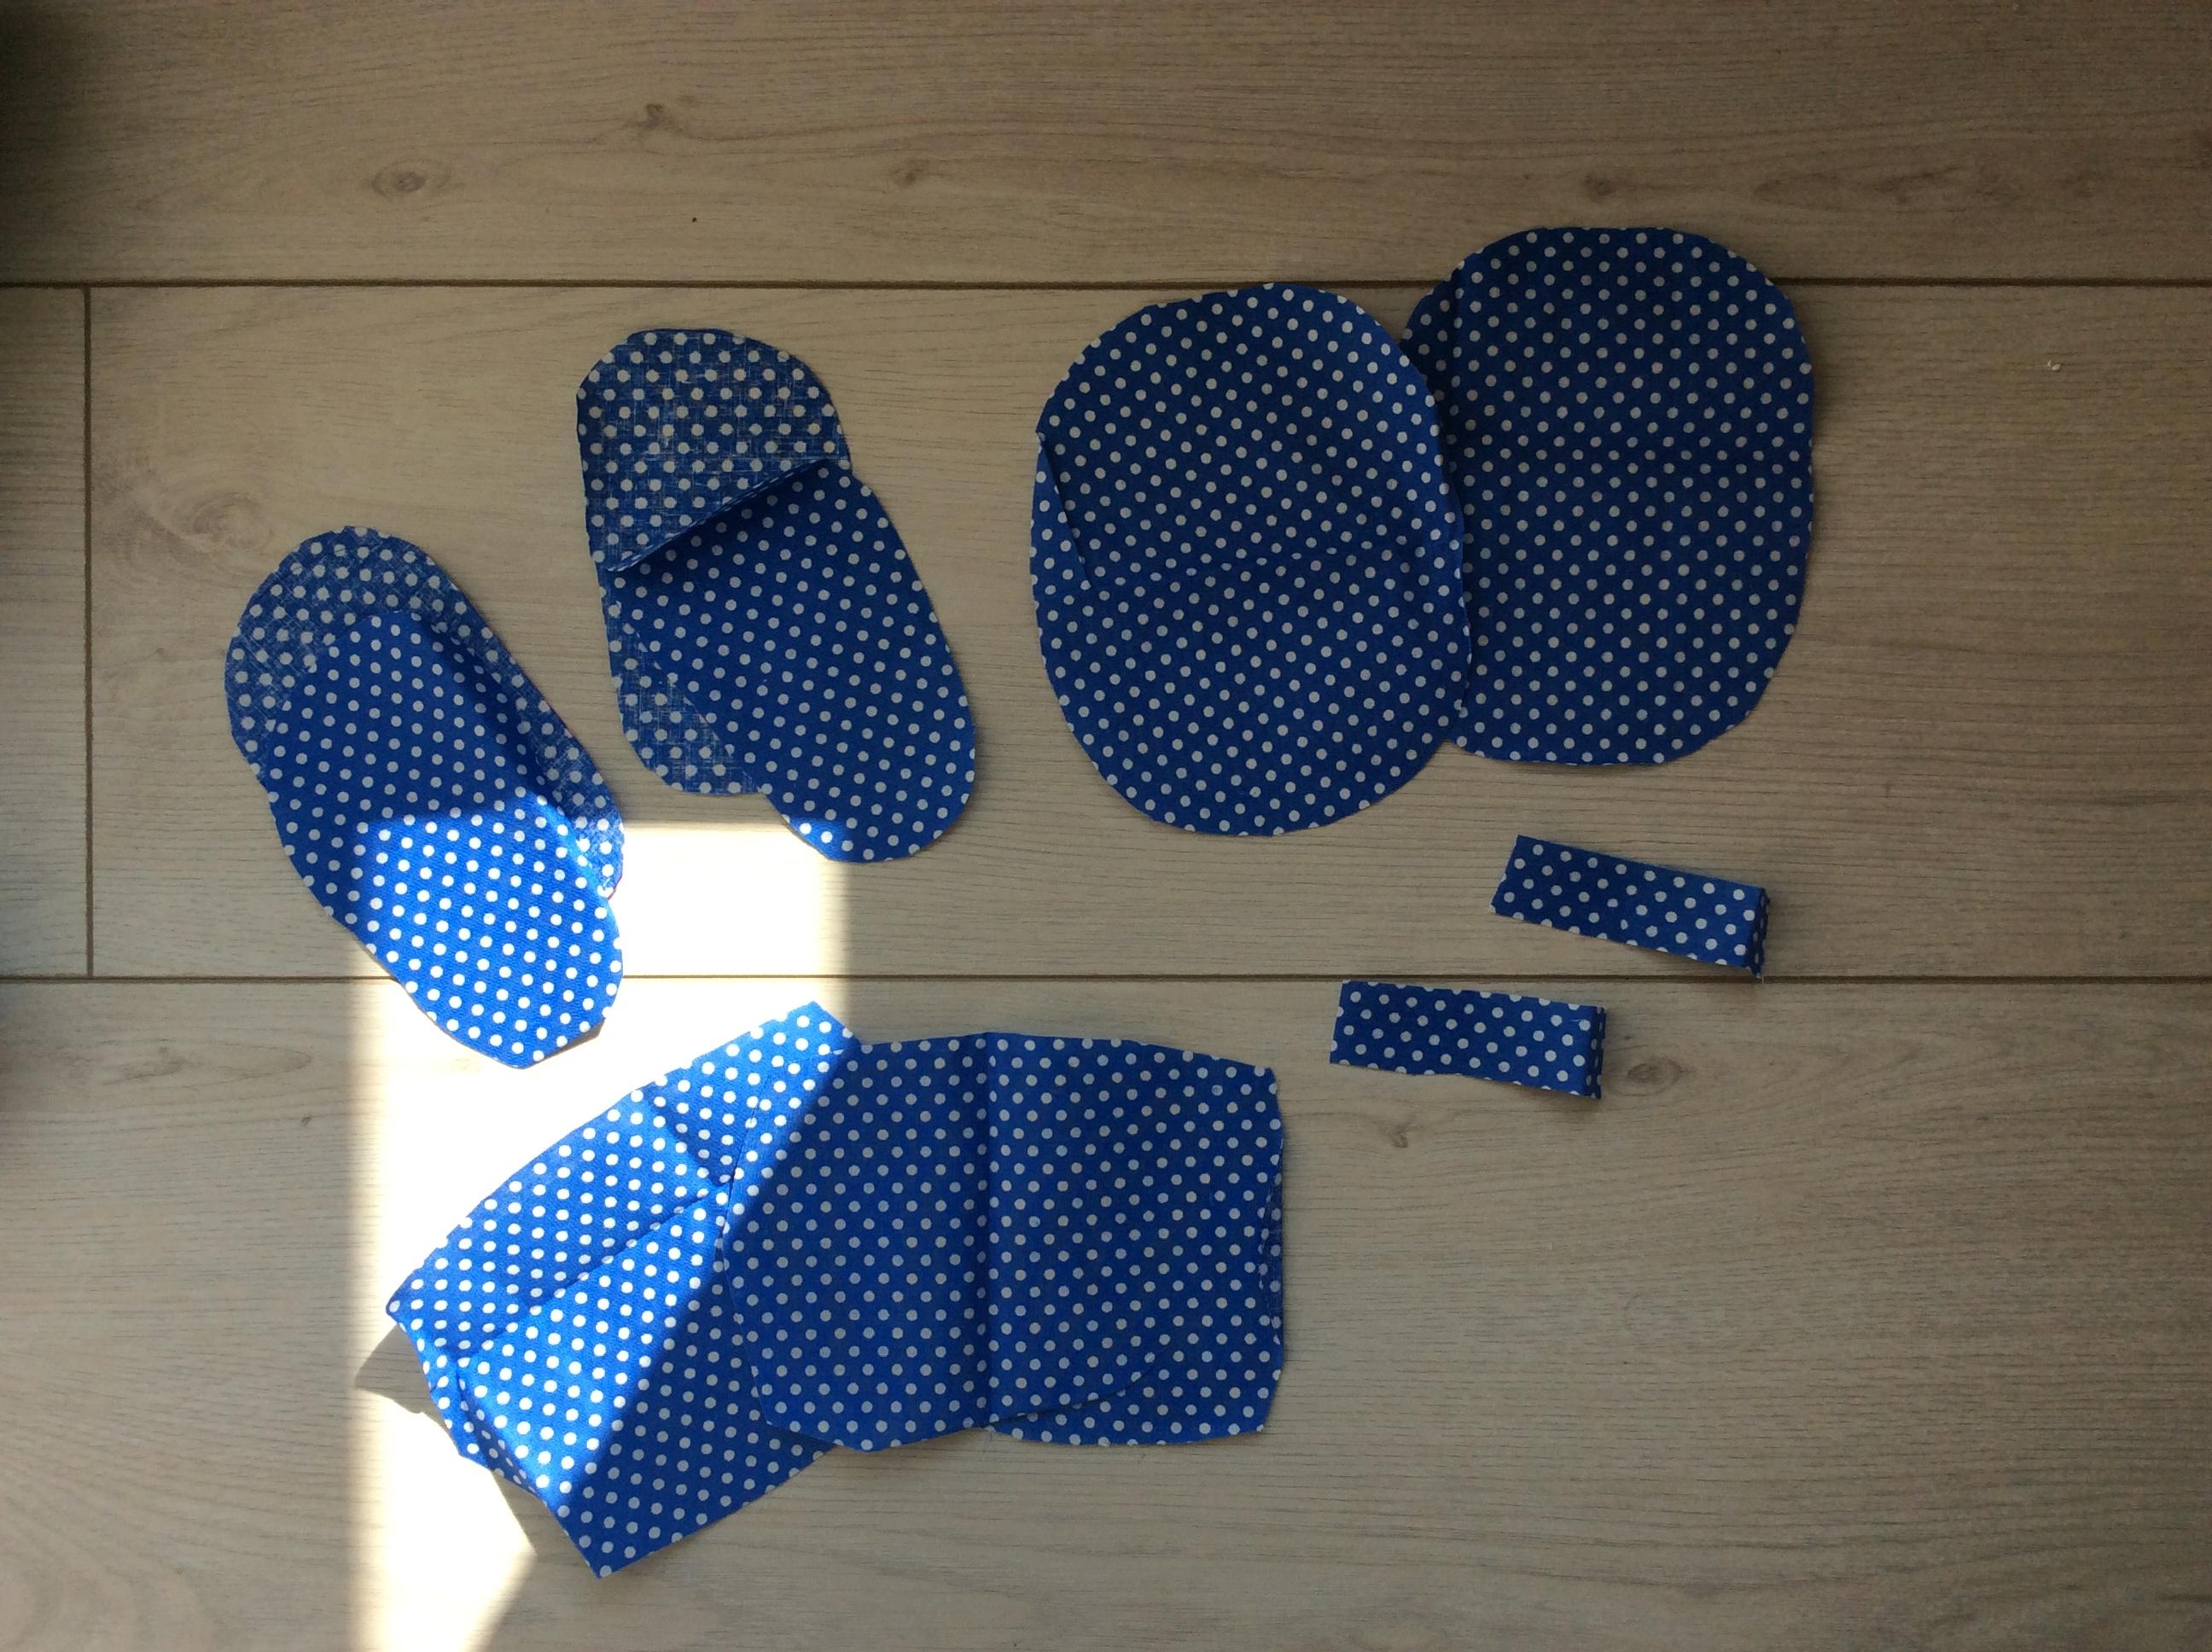 date de sortie 34dcf 1d732 Chaussons pour Bébé - Flo les mains - Blog DIY - Éducation ...